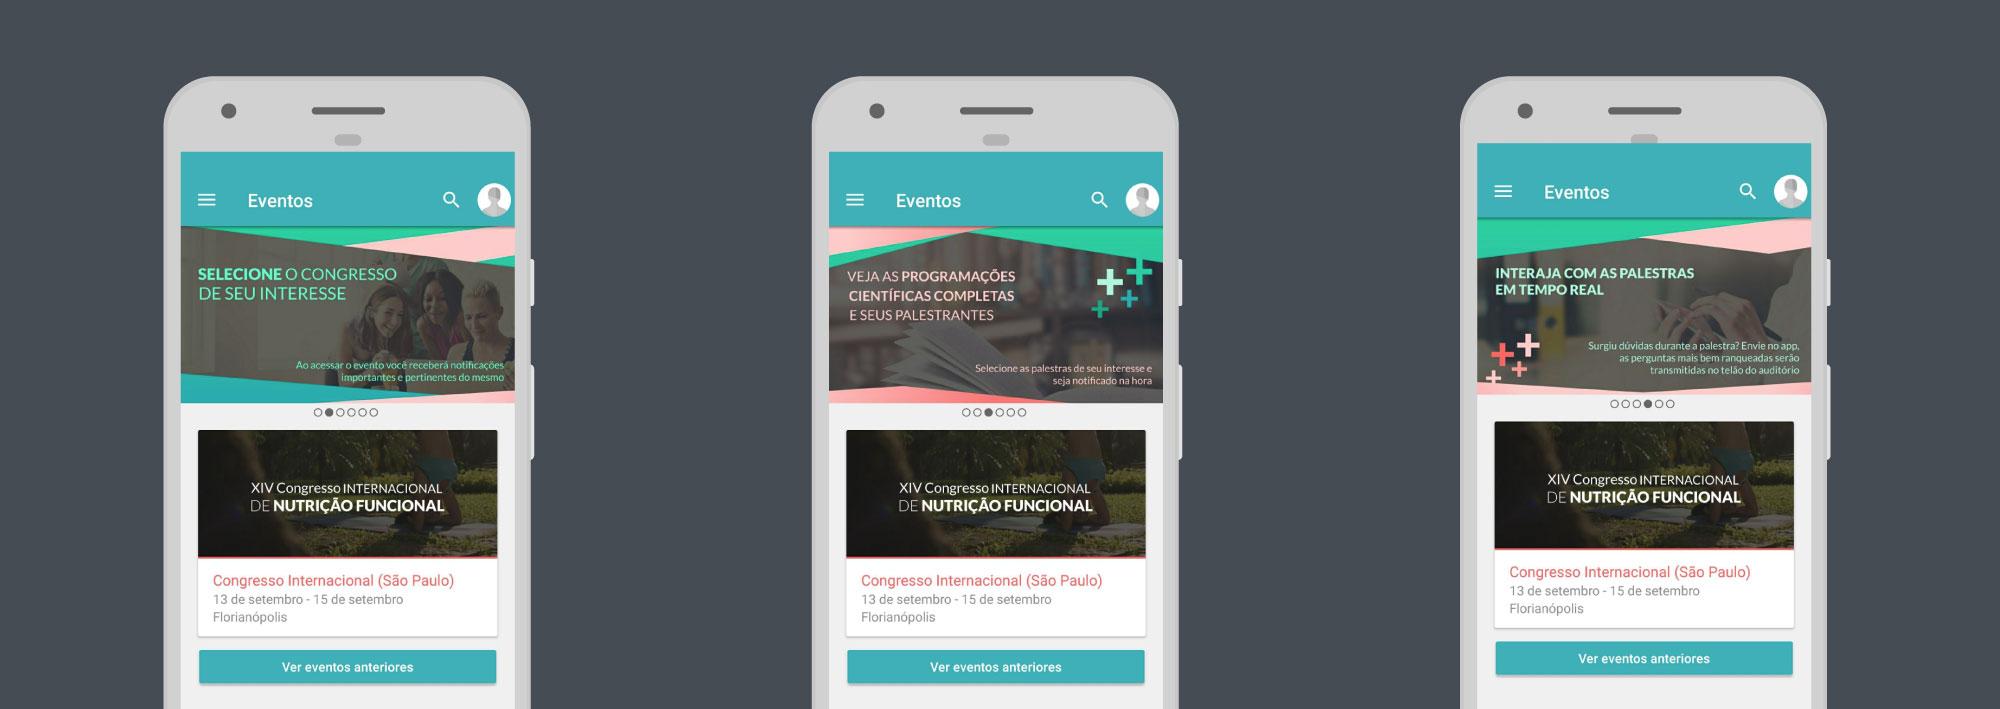 imagem representando o aplicativo utilizado pela VP Eventos